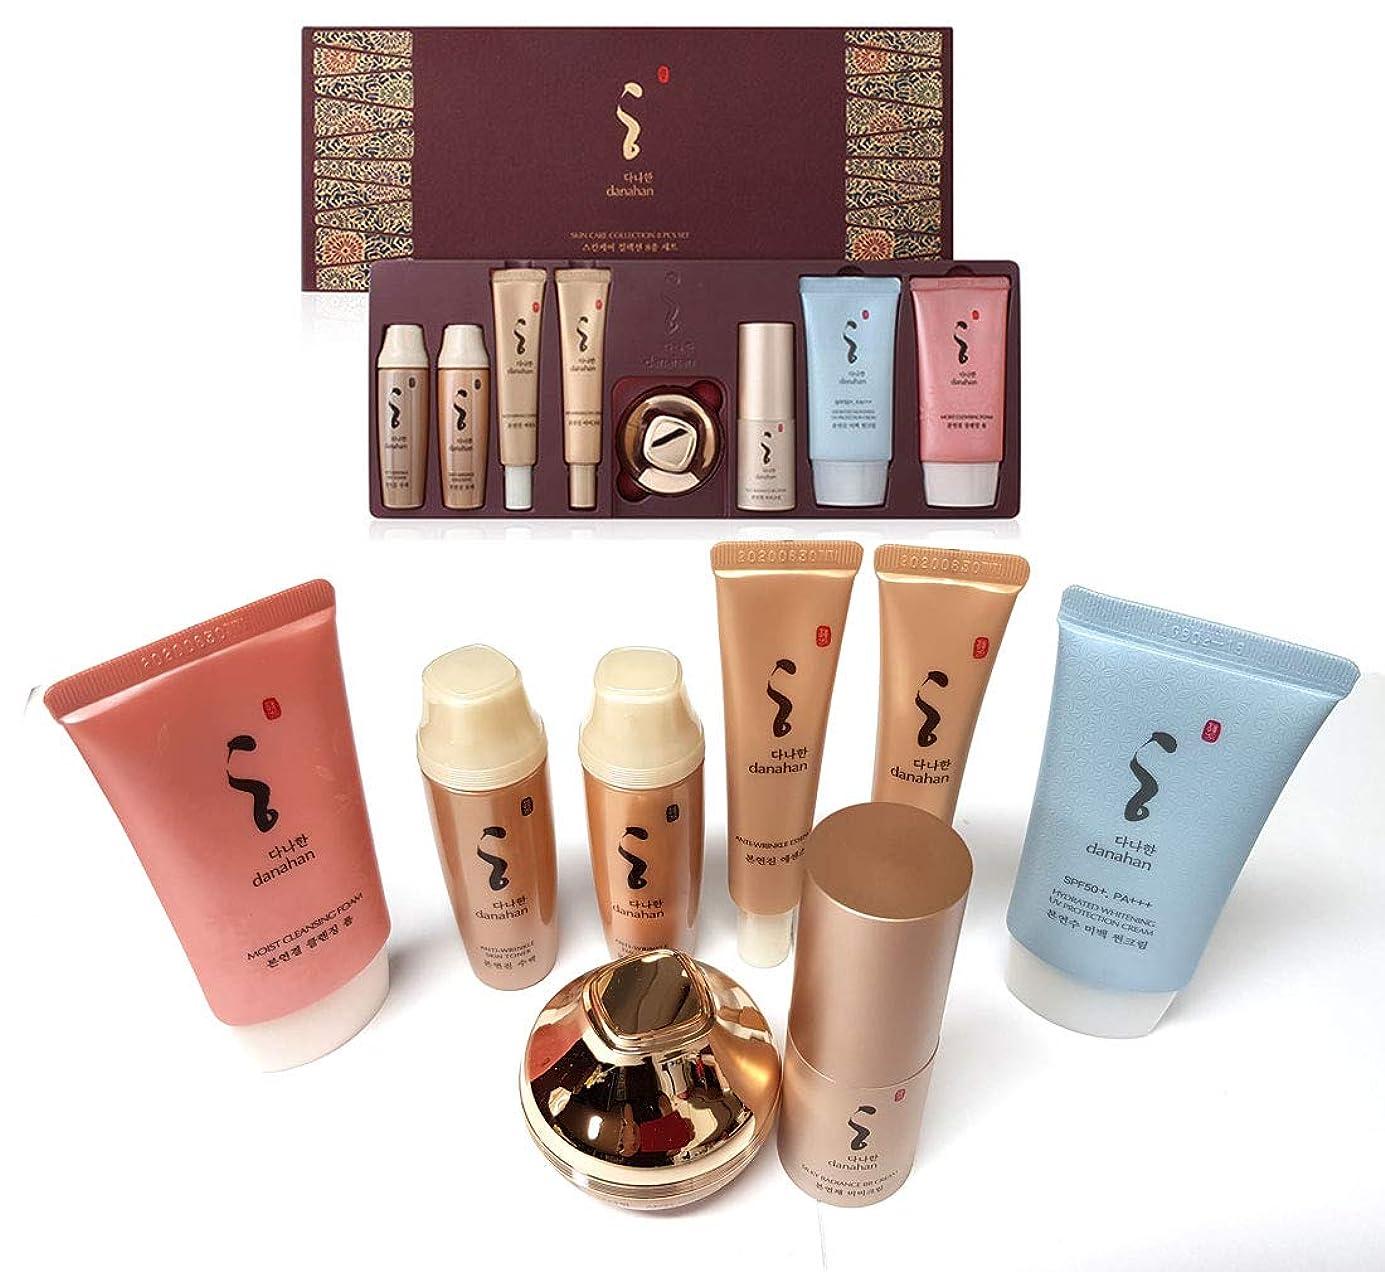 嘆願シリングなので[DANAHAN] スキンケアコレクションギフト8本セット/ Skin Care Collection gift 8pcs set/モイスチャー、ハーバルフルイド/Moisture, herbal fluidn/韓国化粧品/Korean Cosmetics [並行輸入品]